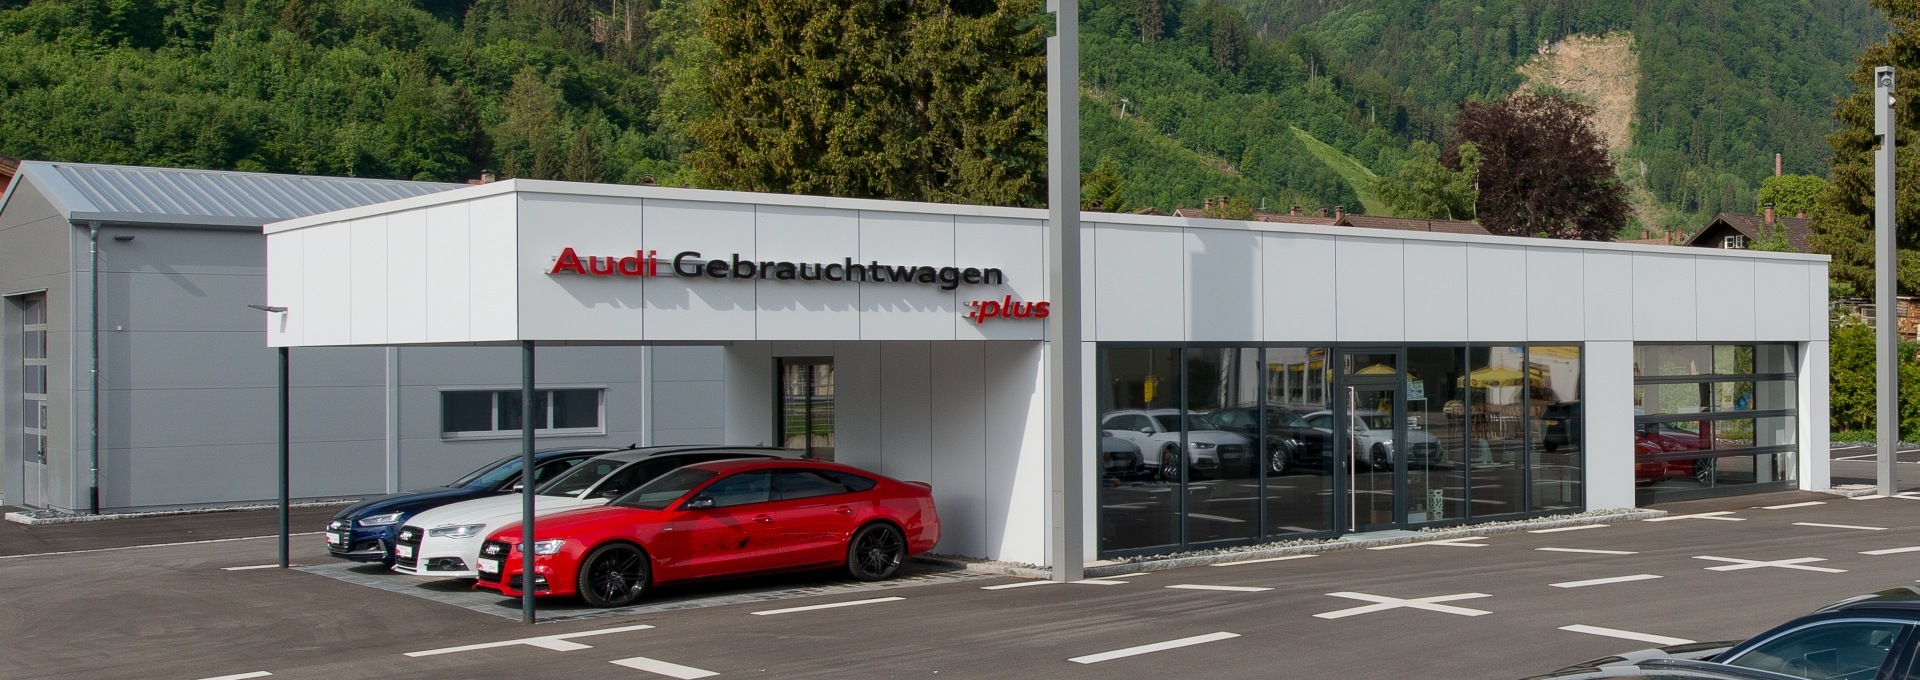 Audi Gebrauchtwagen Zentrum